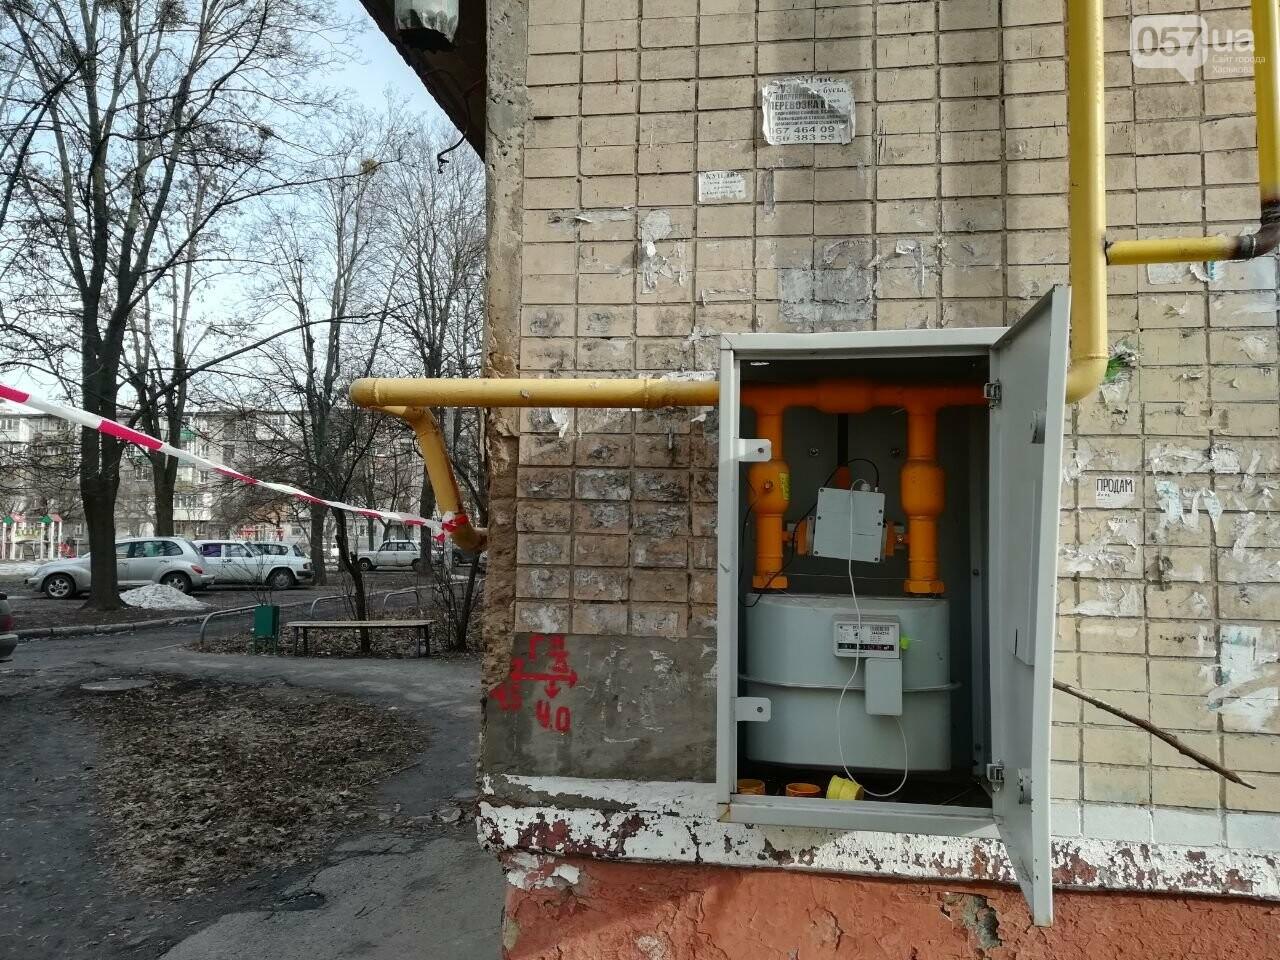 Выстрелы возле дома и неизвестные в масках: что рассказали жители о стрельбе на Московском проспекте, - ФОТО, фото-15